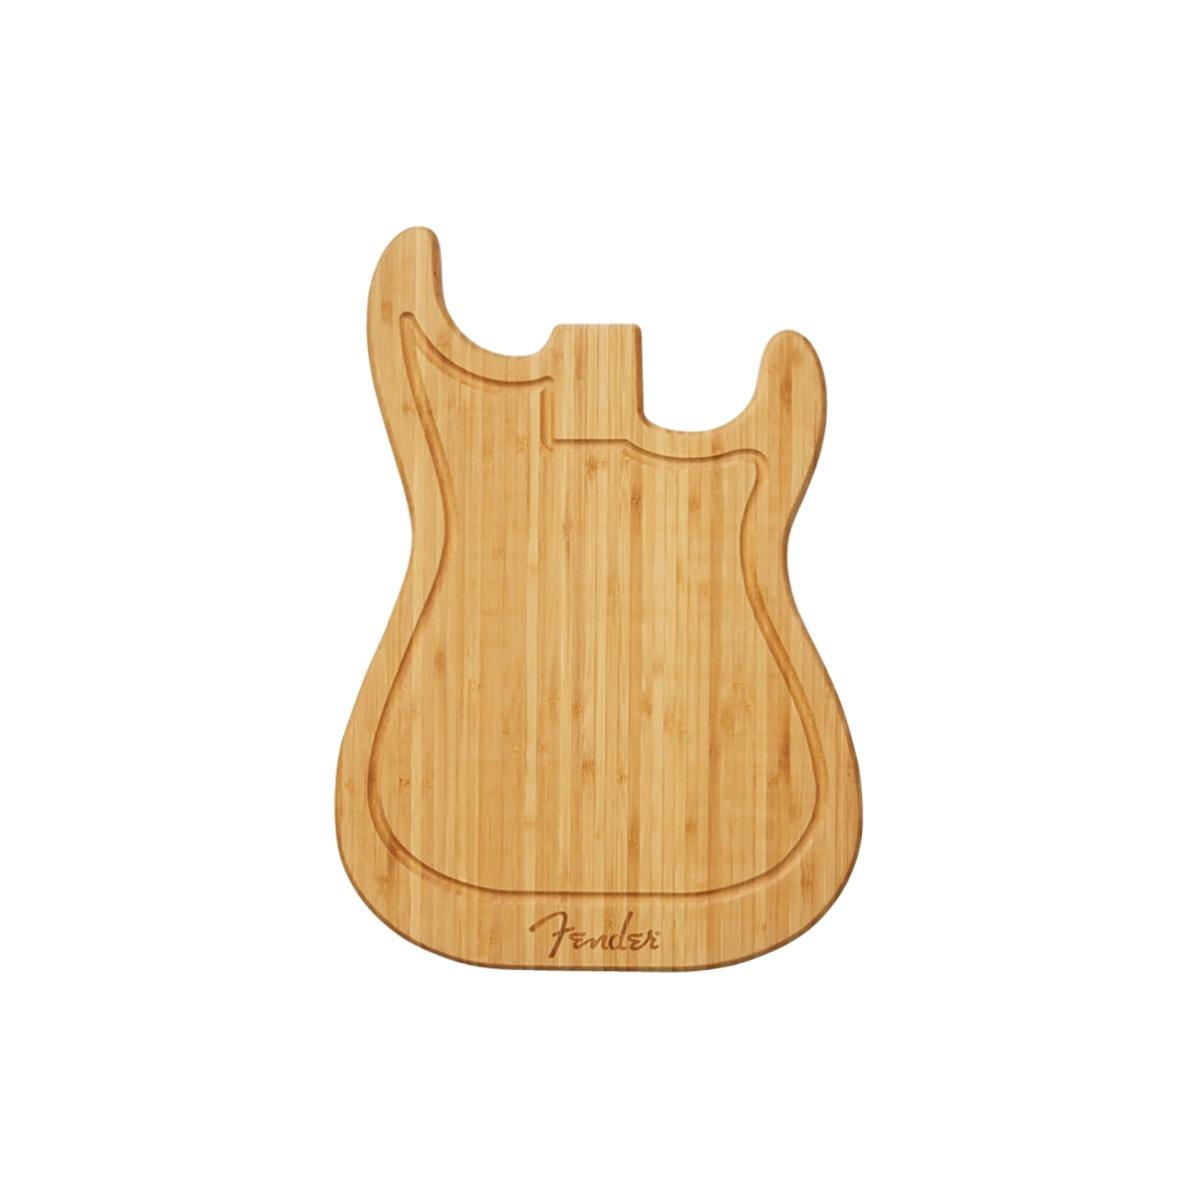 Fender - Planche à découper Stratocaster